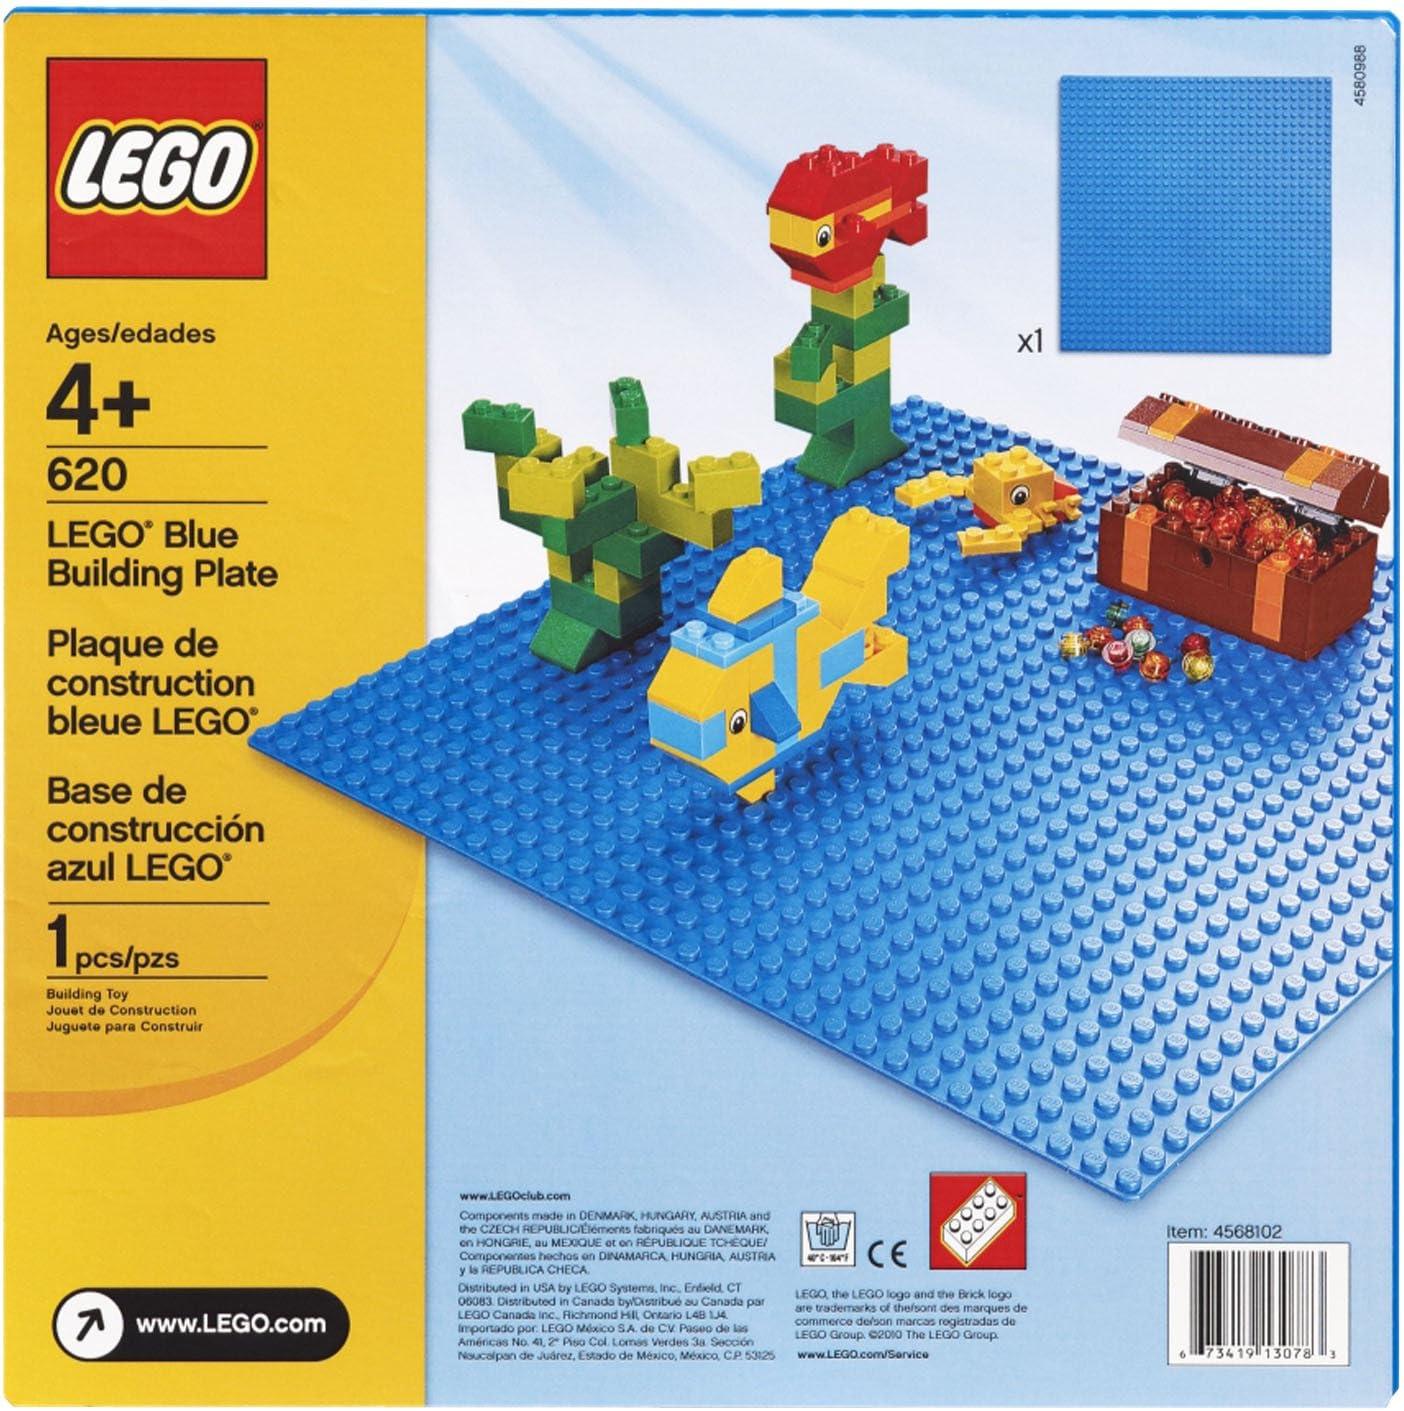 LEGO Blue Building Plate (10 x 10) by LEGO: Amazon.es: Juguetes y juegos